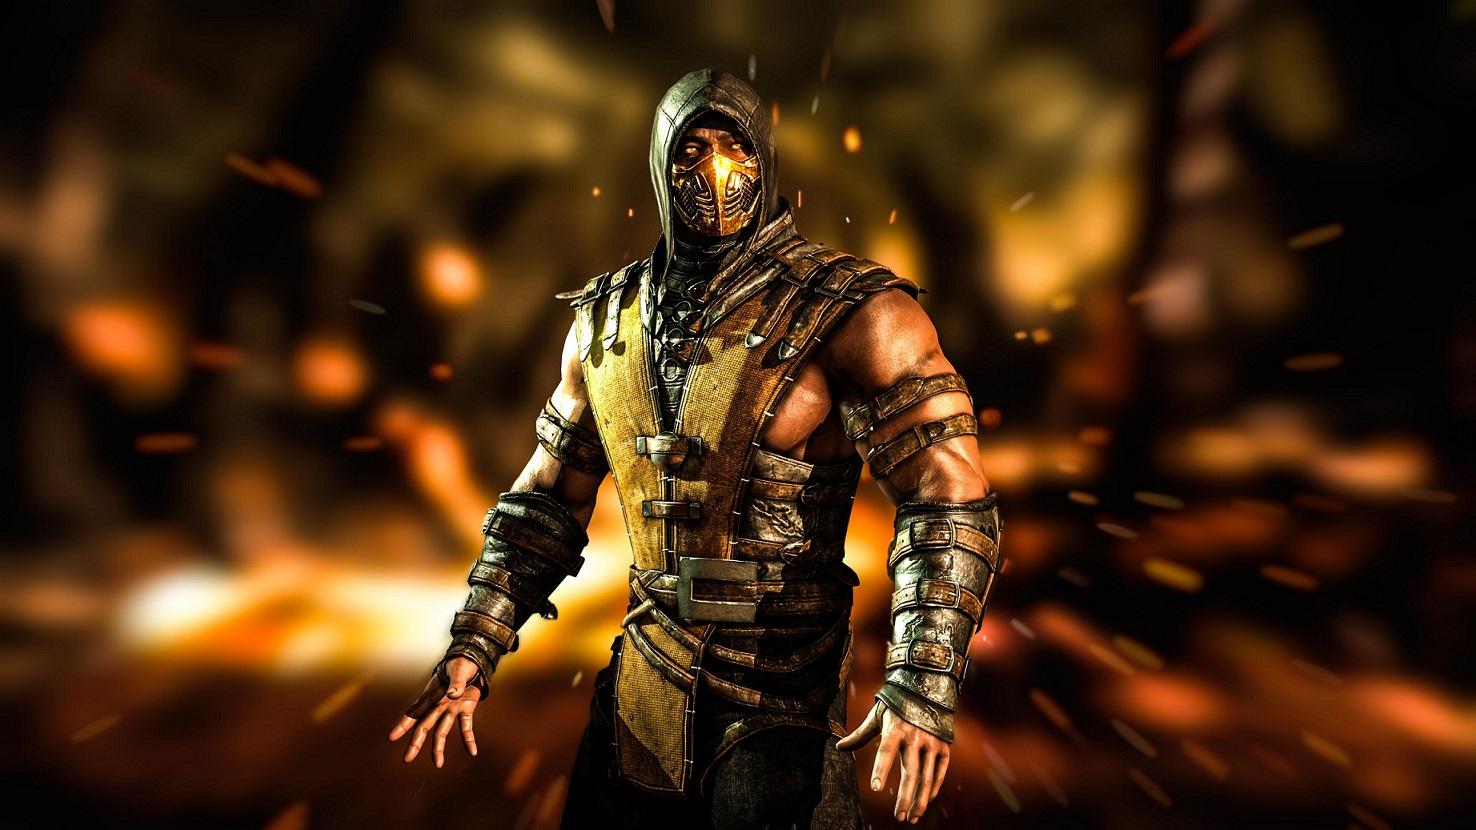 Эд Бун рассказал про самого необычного бойца, которого фанаты просили добавить в Mortal Kombat